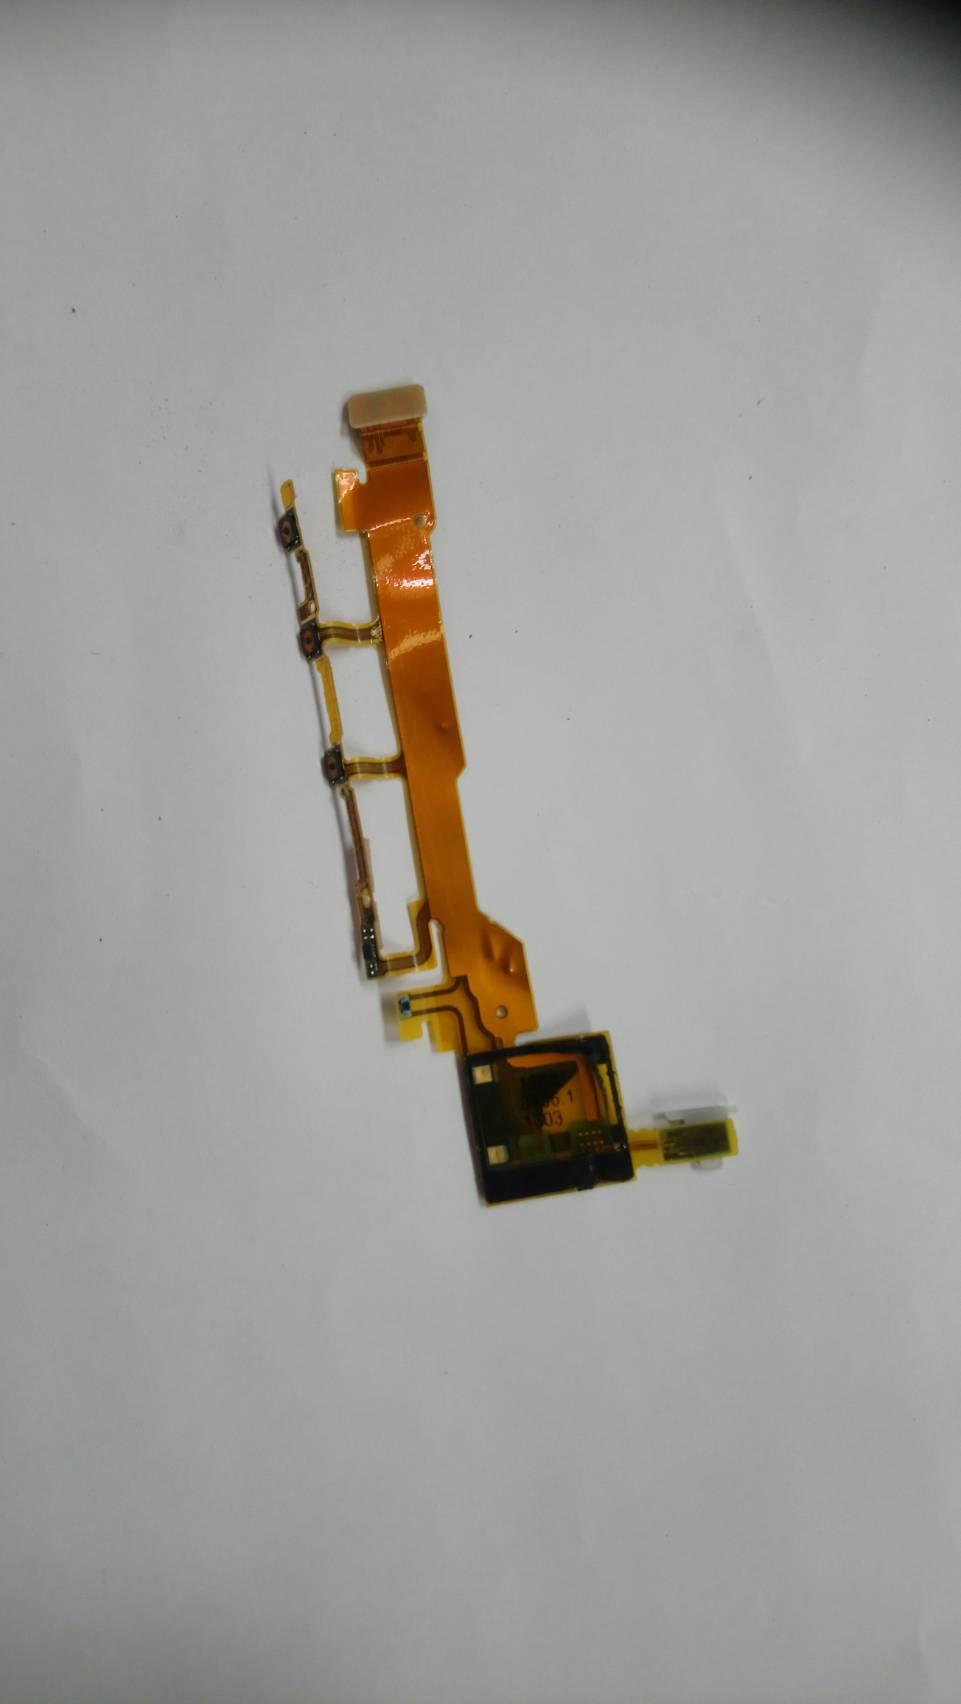 สายแพสวิทช์ปิด-เปิด-โวลลุ่ม SONY xperia Z L36h L36i C6603 C6602 C6606 มือสอง